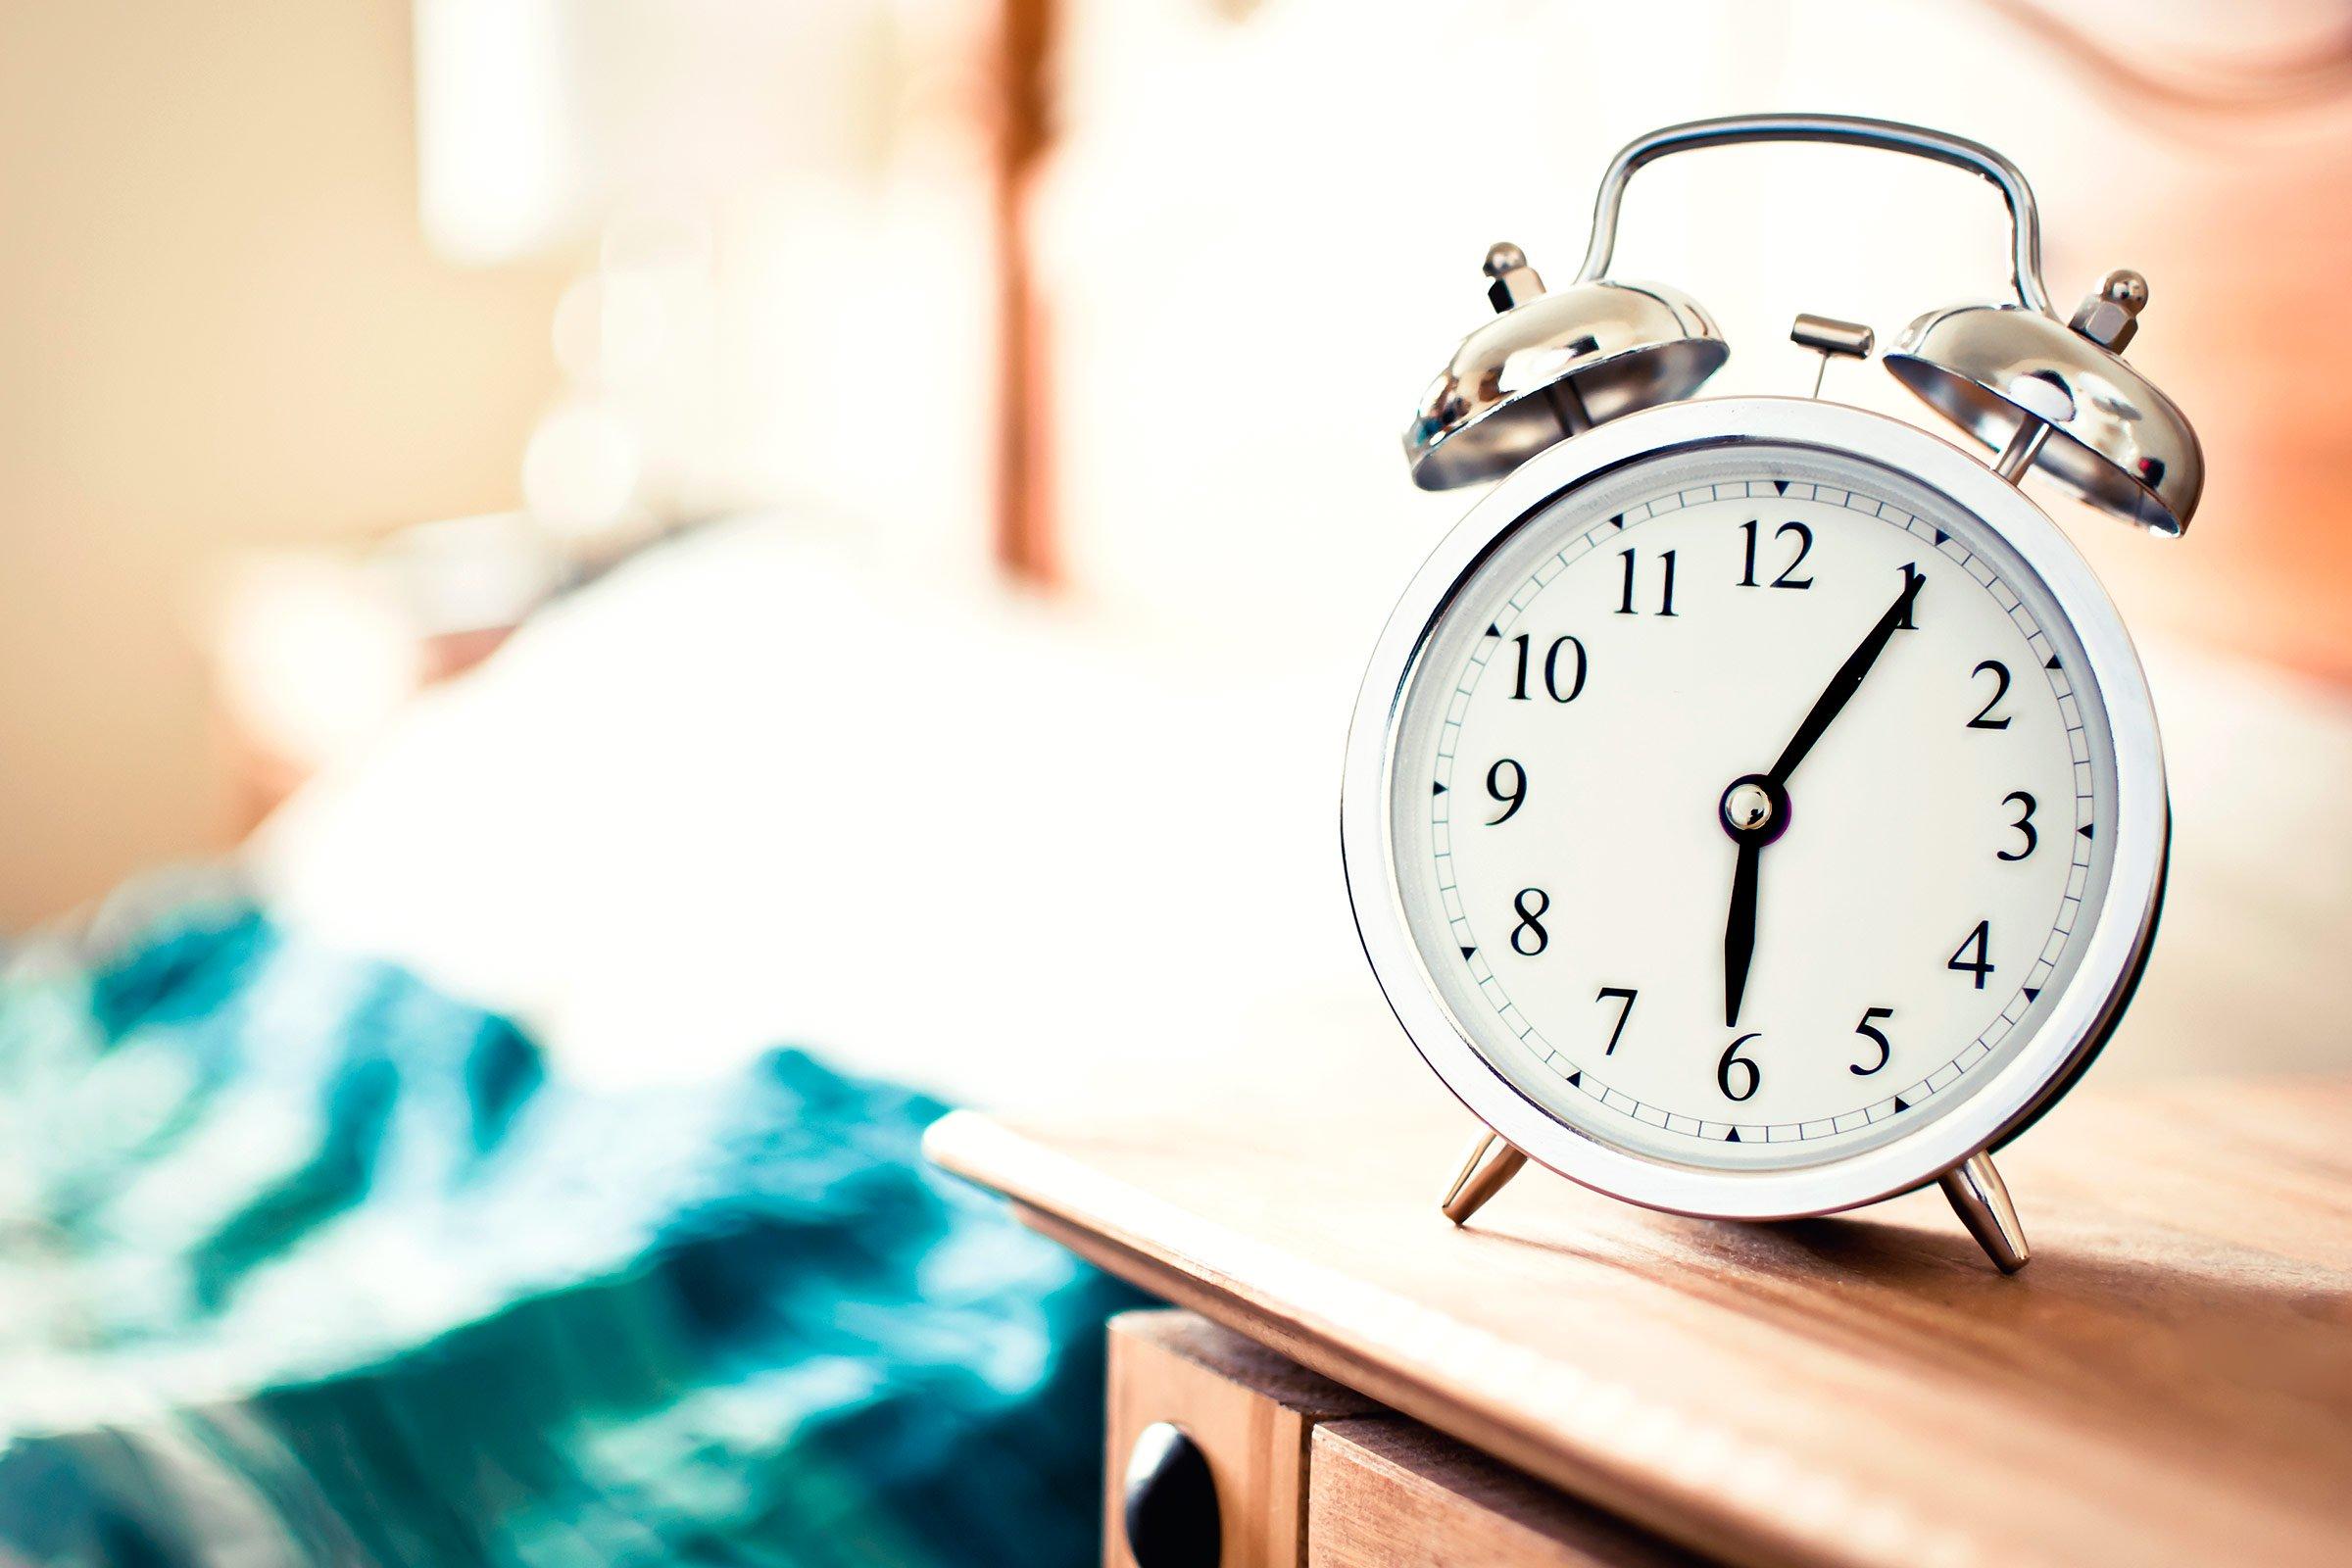 Đặt chuông báo thức để duy trì thời gian ngủ trưa hợp lý